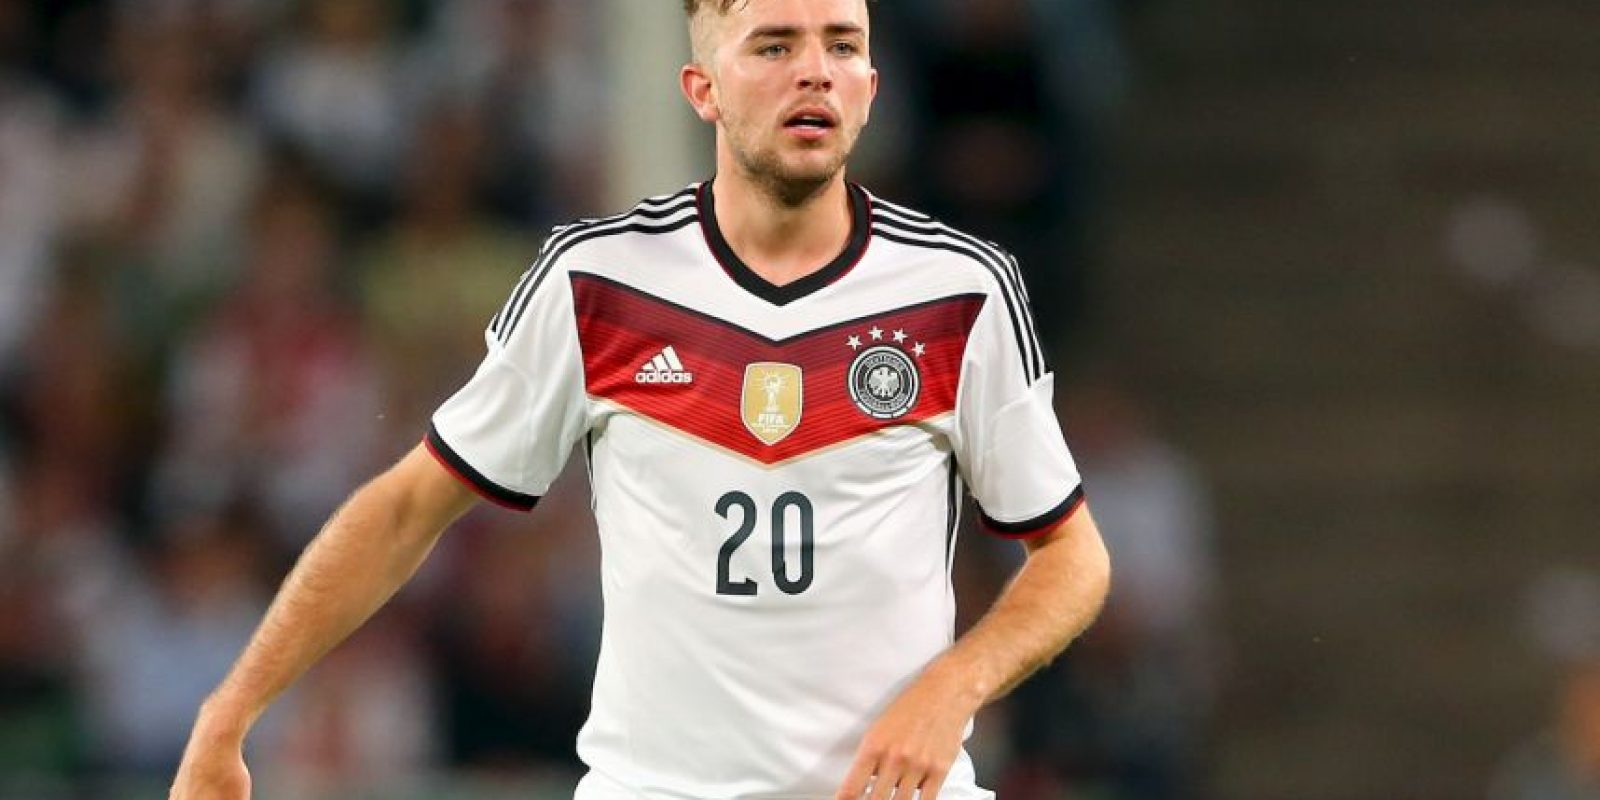 El campeón del mundo en 2014 es una de las apuestas del Bayer Leverkusen, que lo recuperó de una cesión al Monchengladbach por su buen nivel mostrado en la campaña pasada. Foto:Getty Images